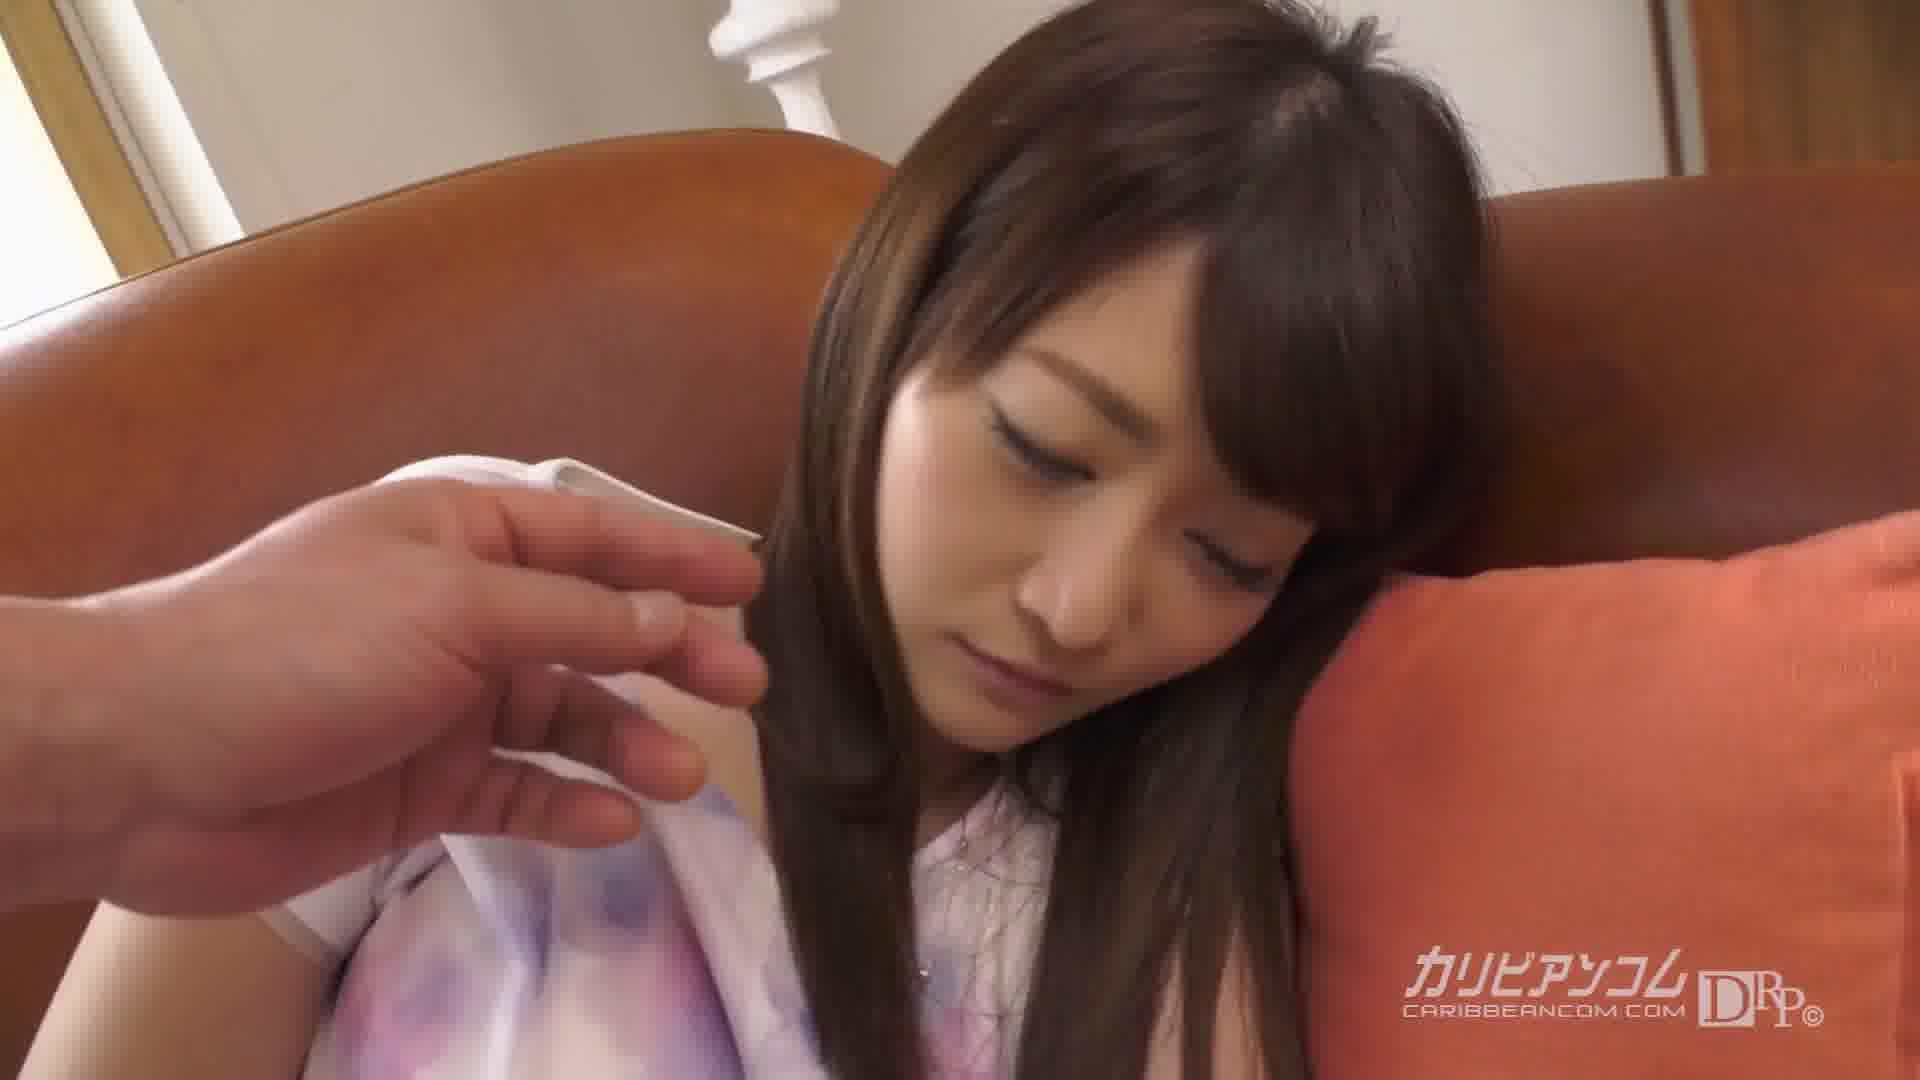 生島涼がぼくのお嫁さん - 生島涼【パイパン・美乳・バイブ】